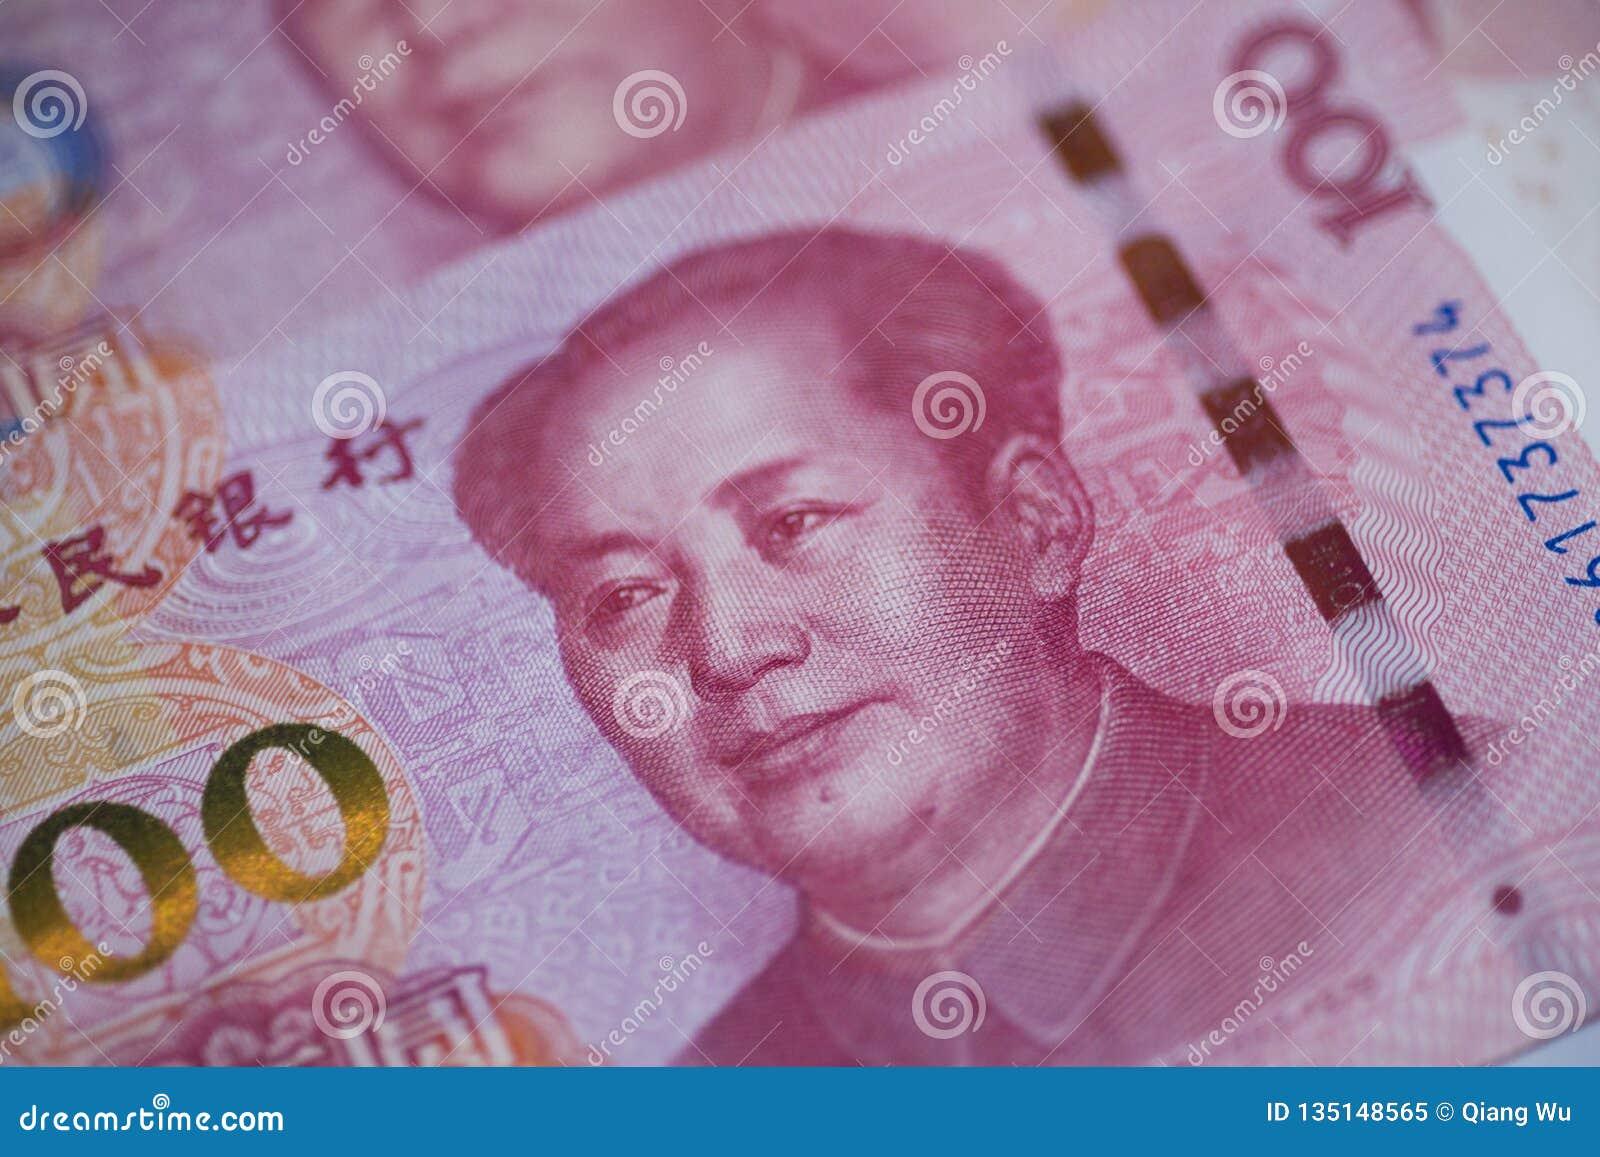 Η Τράπεζα της Κίνας 100 των ανθρώπων yuan νόμισμα, οικονομία, RMB, χρηματοδότηση, επένδυση, επιτόκιο, συναλλαγματική ισοτιμία, κυ